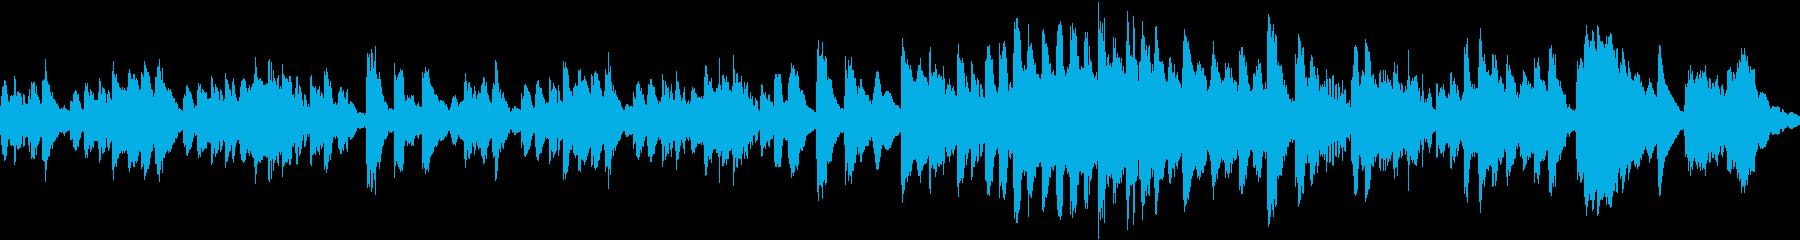 ほのぼのとしたマリンバのソロの再生済みの波形